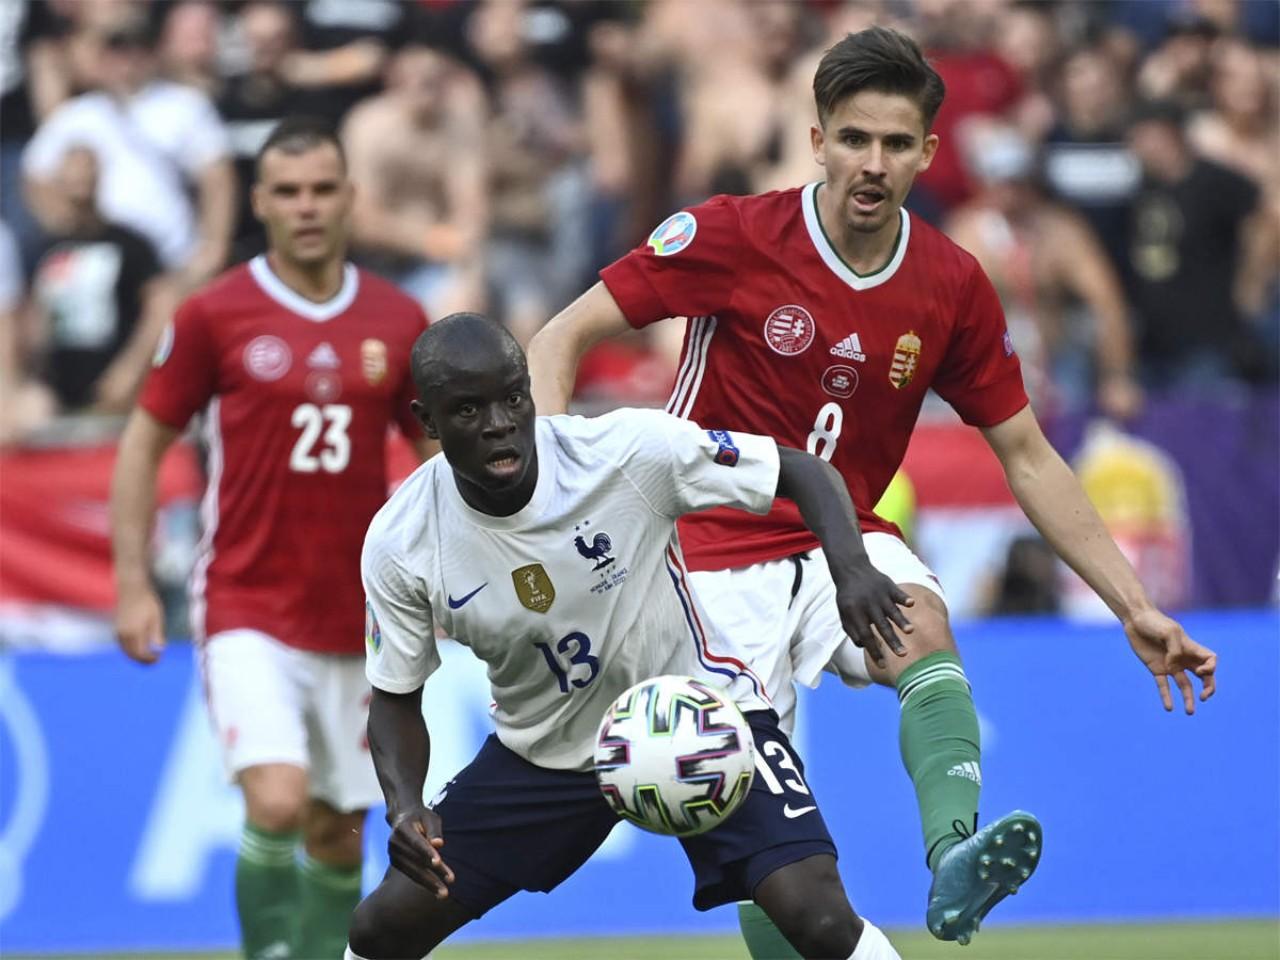 بطل العالم يصطدم بالجدار المجرّي ويستسلم للتعادل في كأس أمم أوروبا